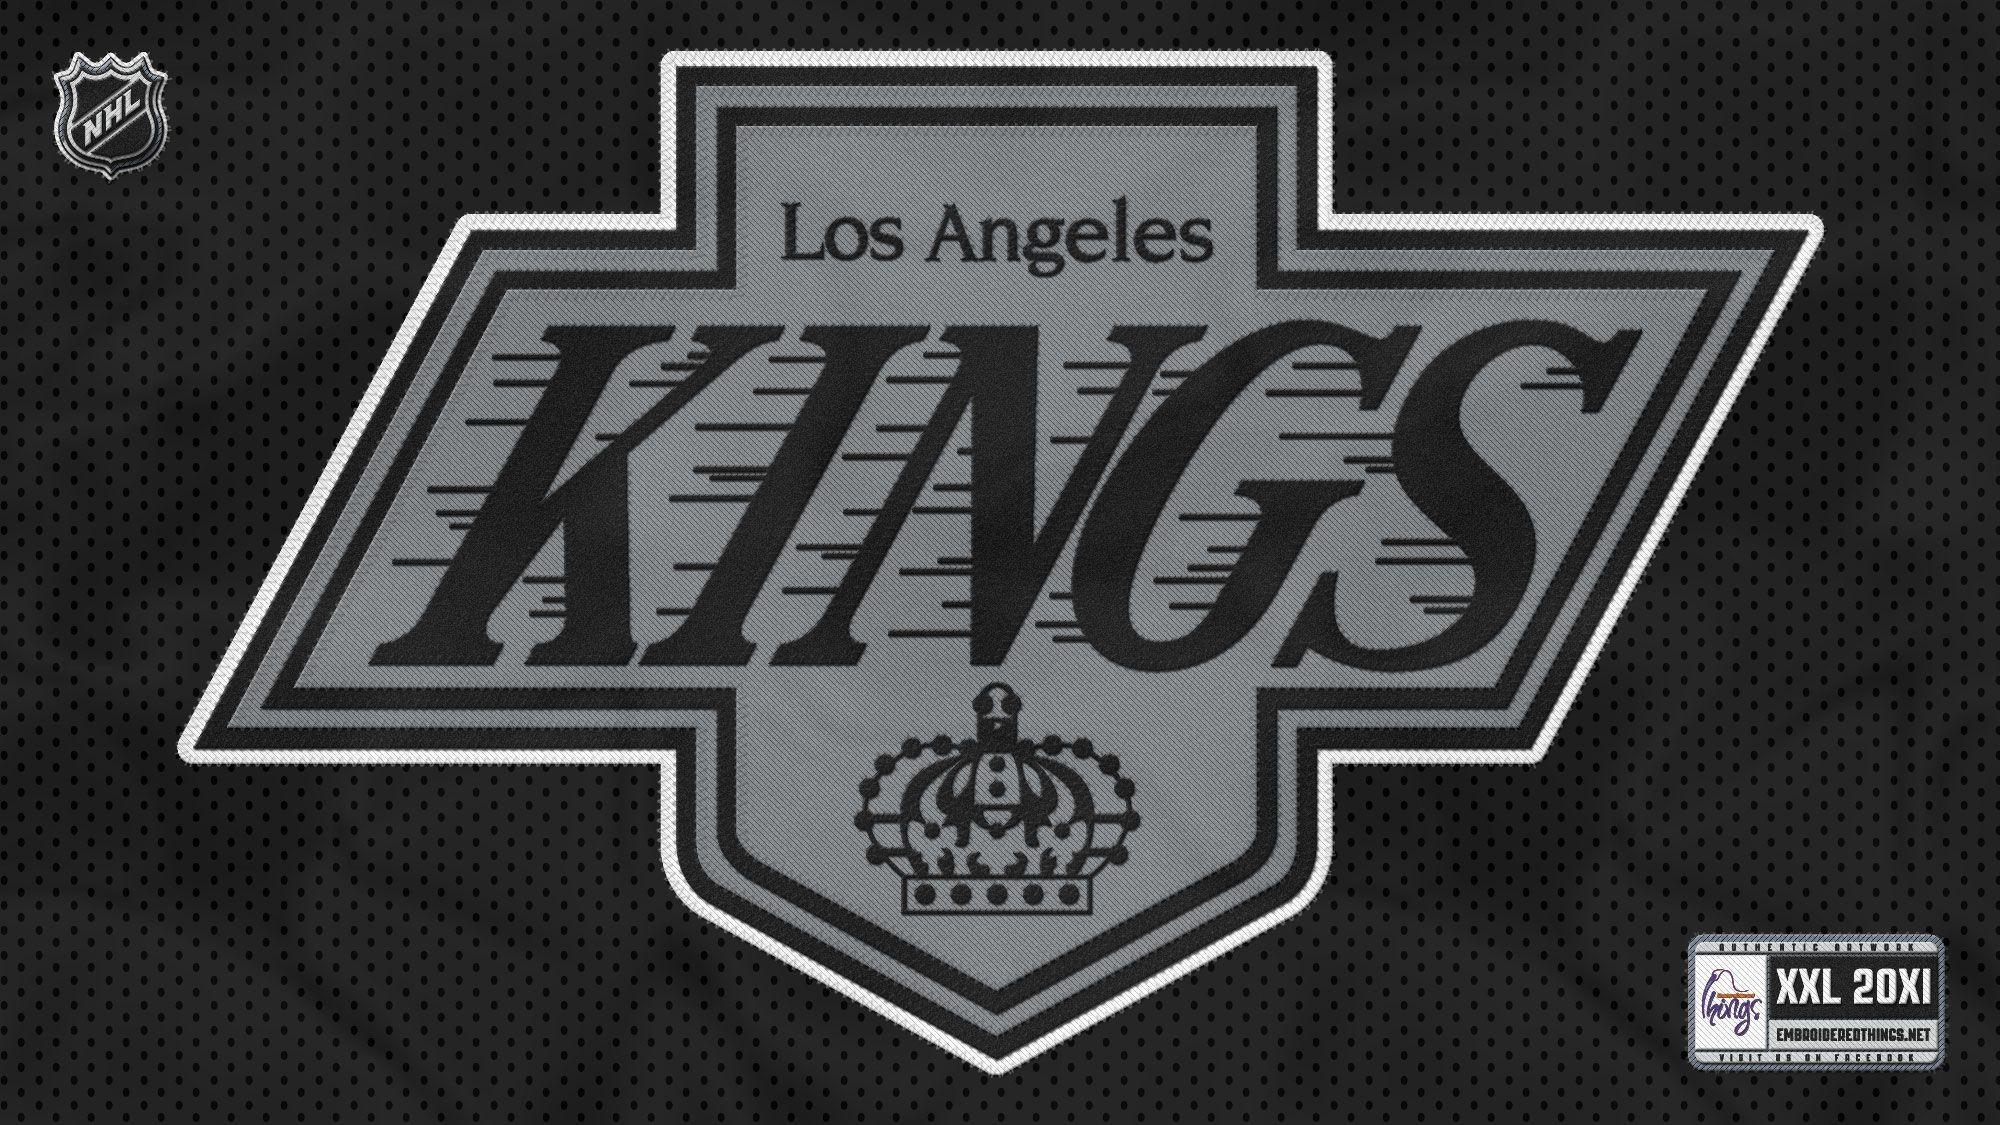 Los angeles kings iphone wallpaper impremedia 2000x1125 wallpaper hd la kings logo wallpapers pic voltagebd Gallery